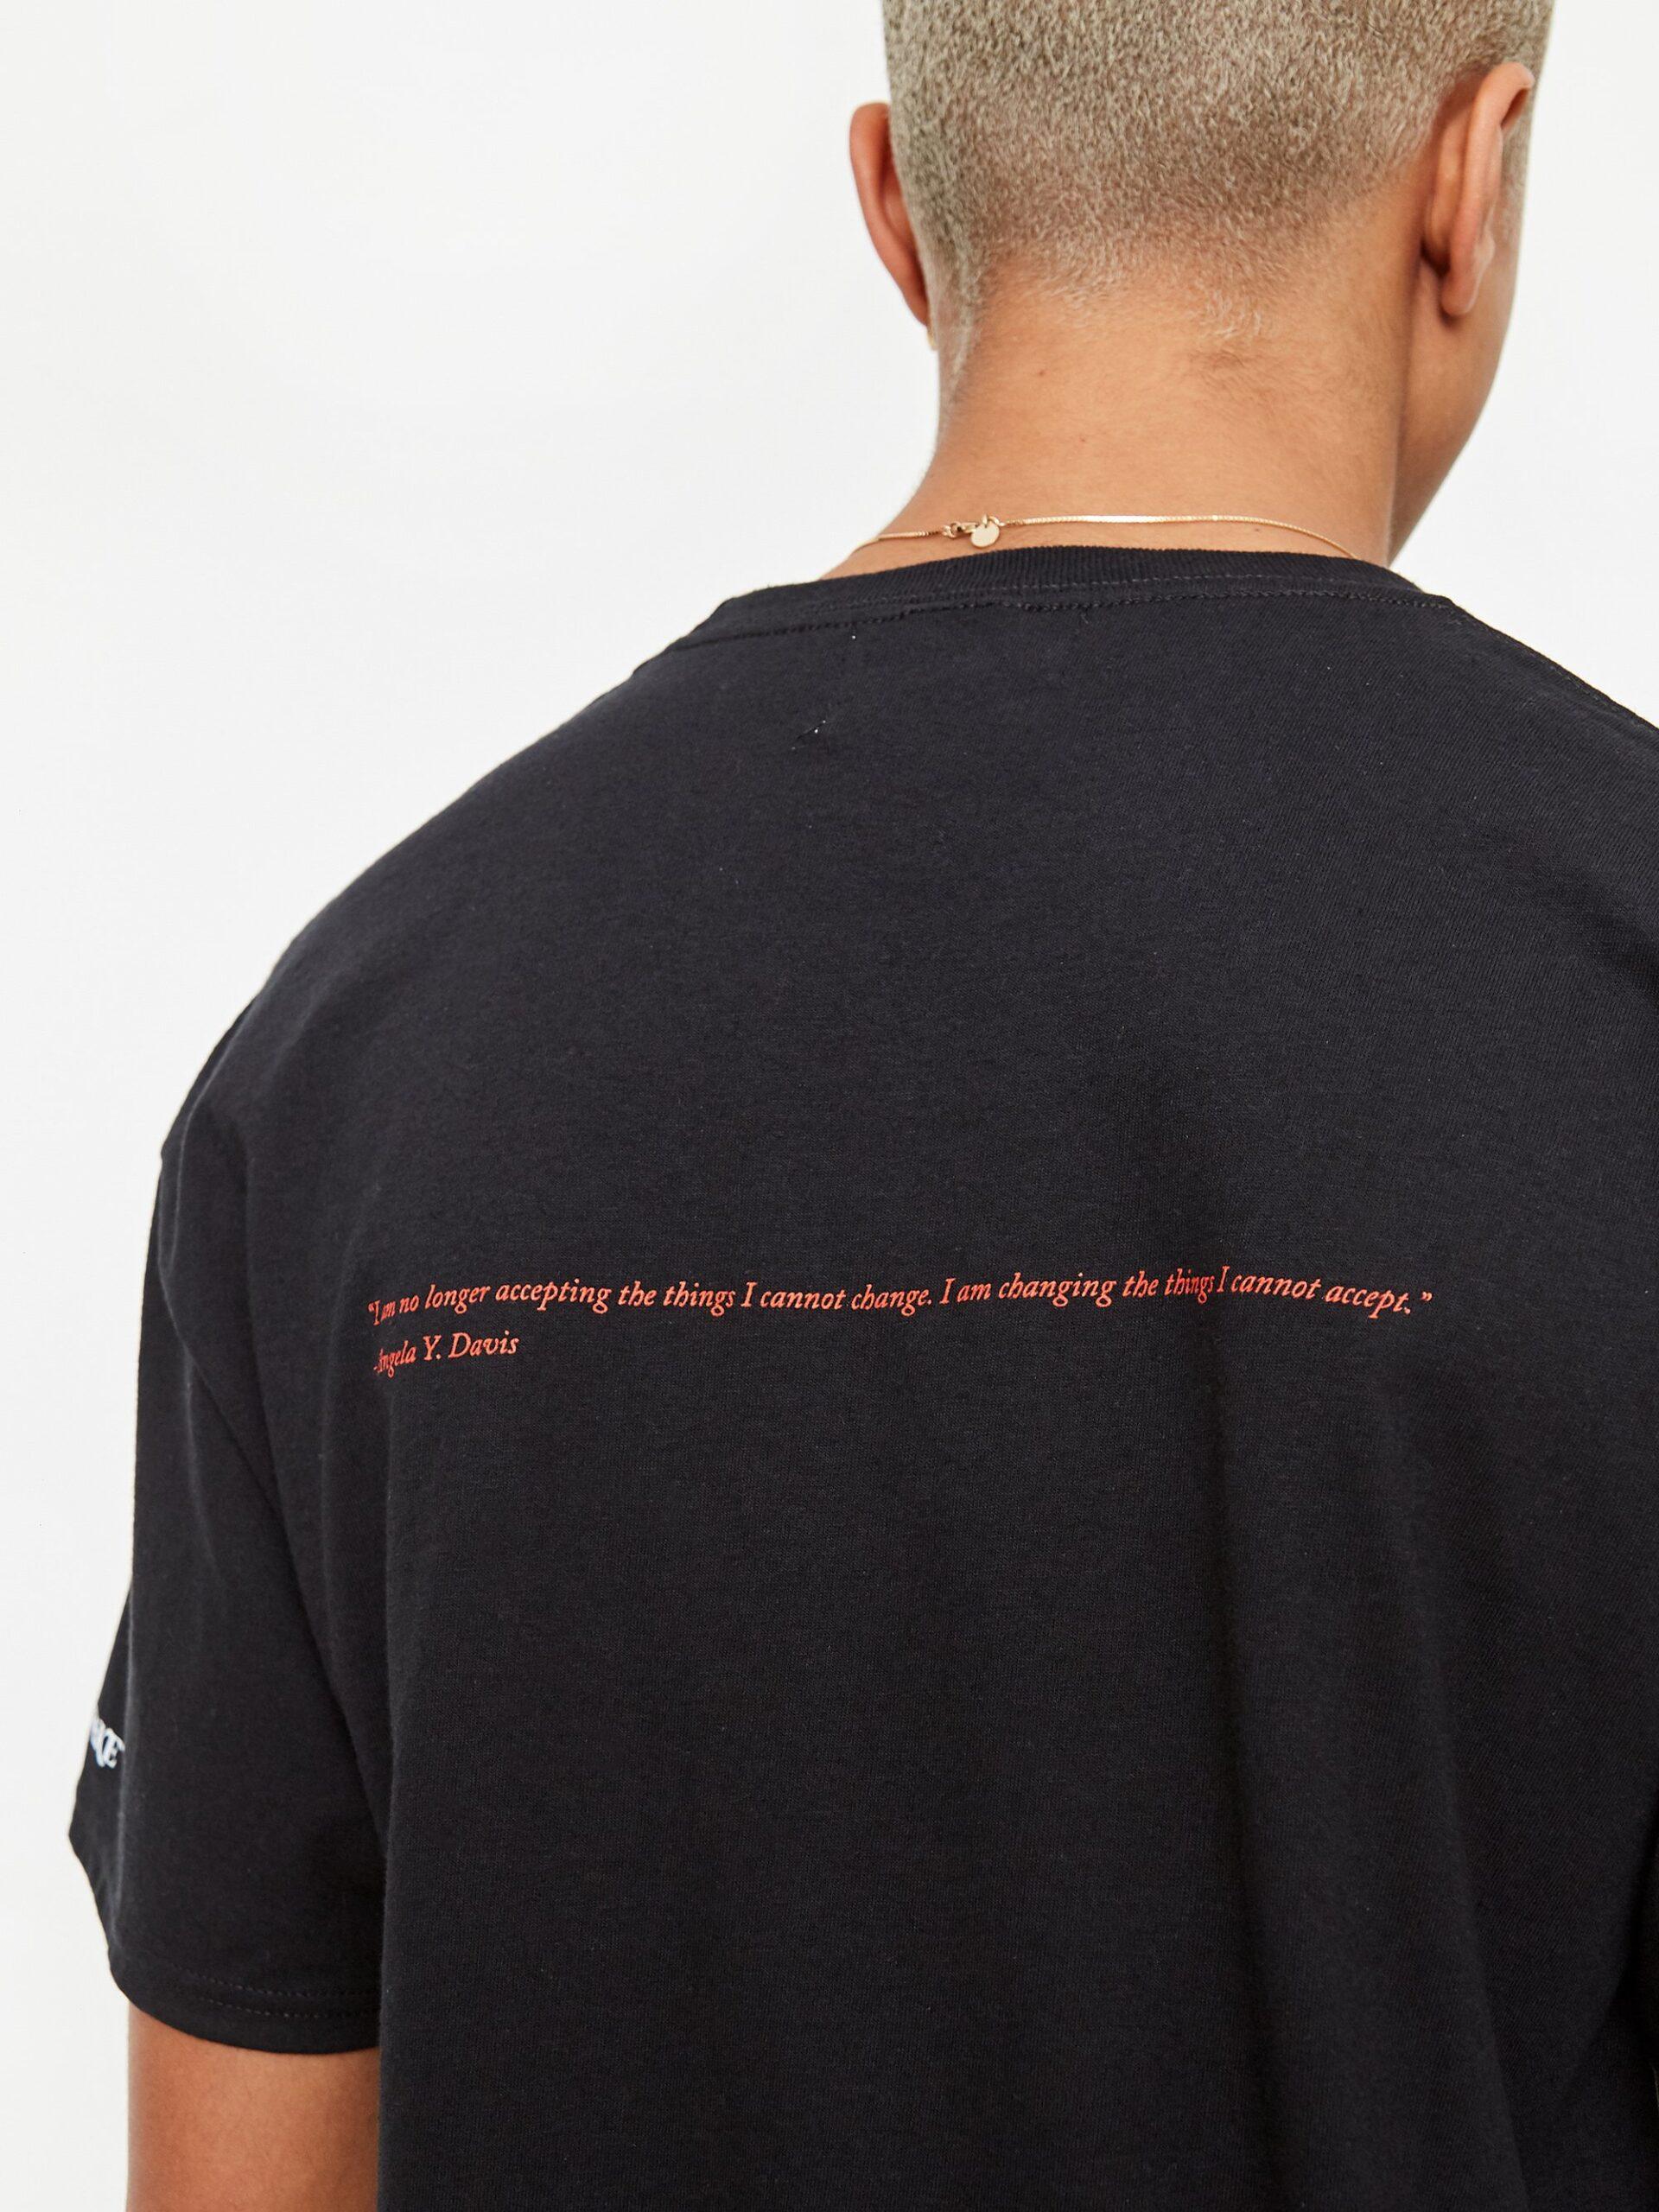 Awake Angela Davis T shirt Black 6